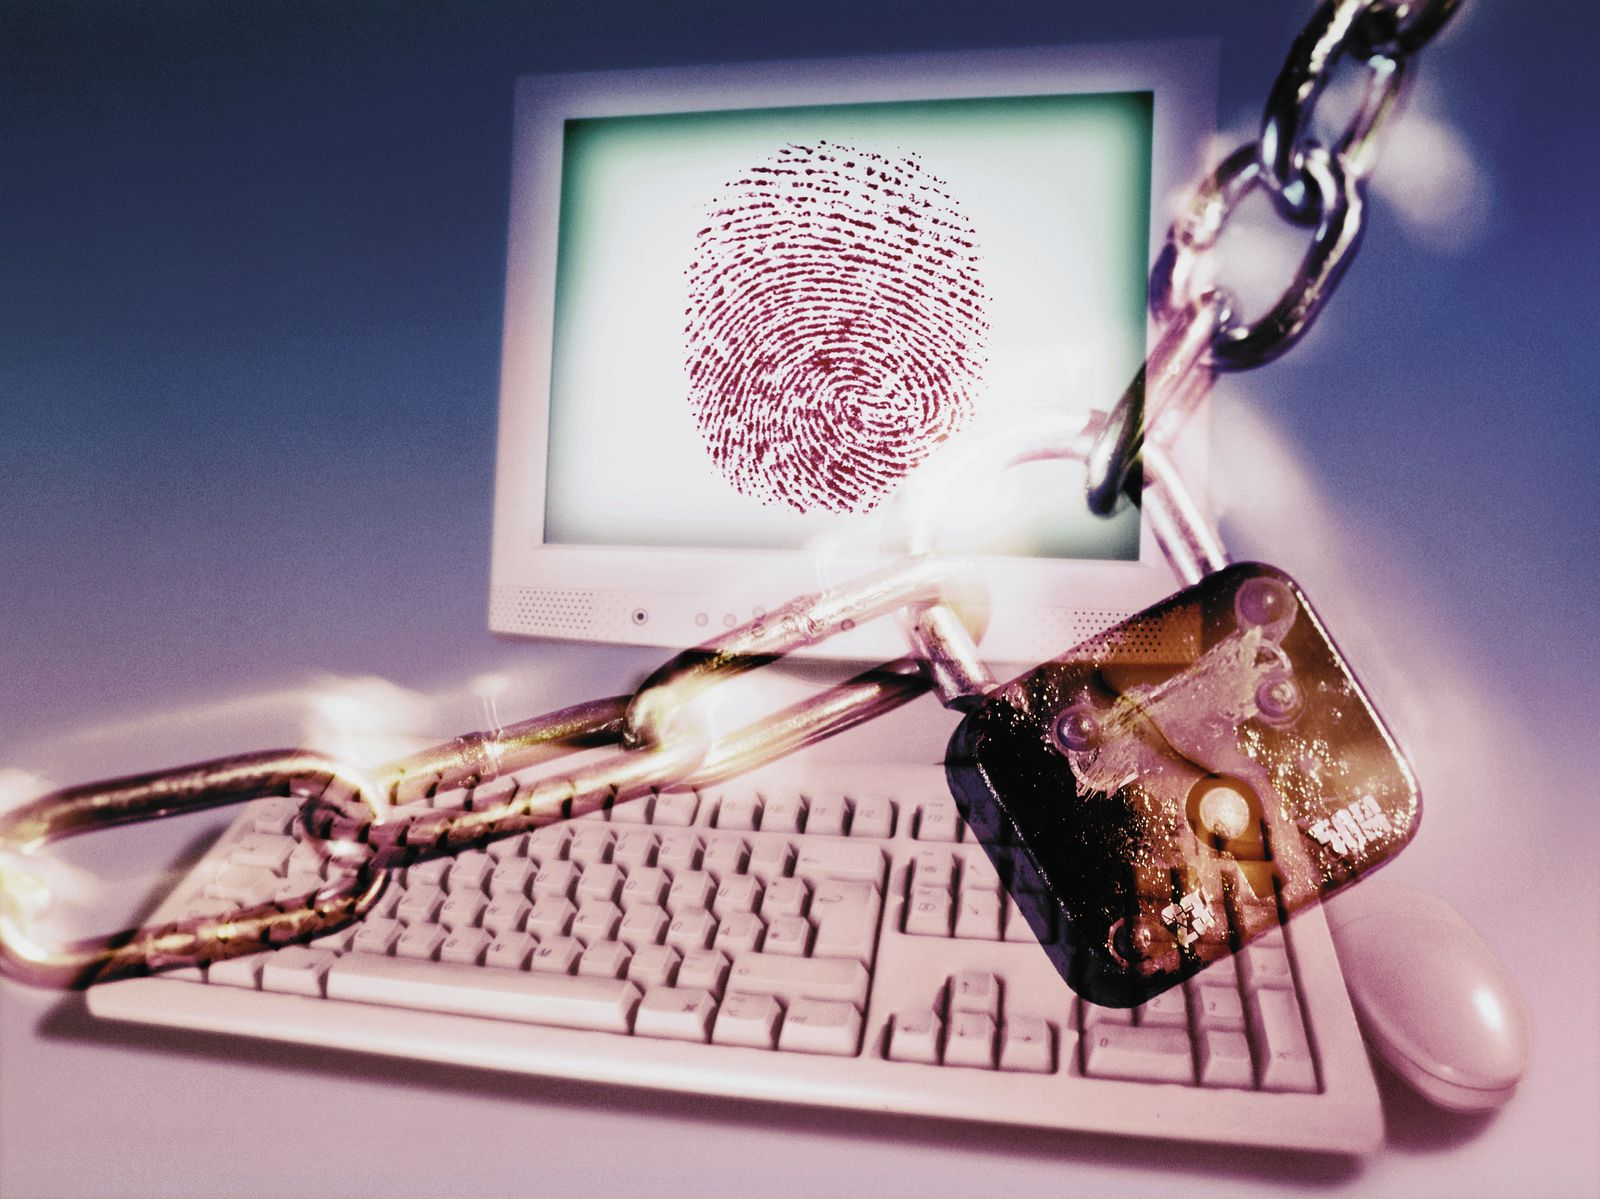 NICHT MEHR VERWENDEN! - Symbolbild Datenschutz